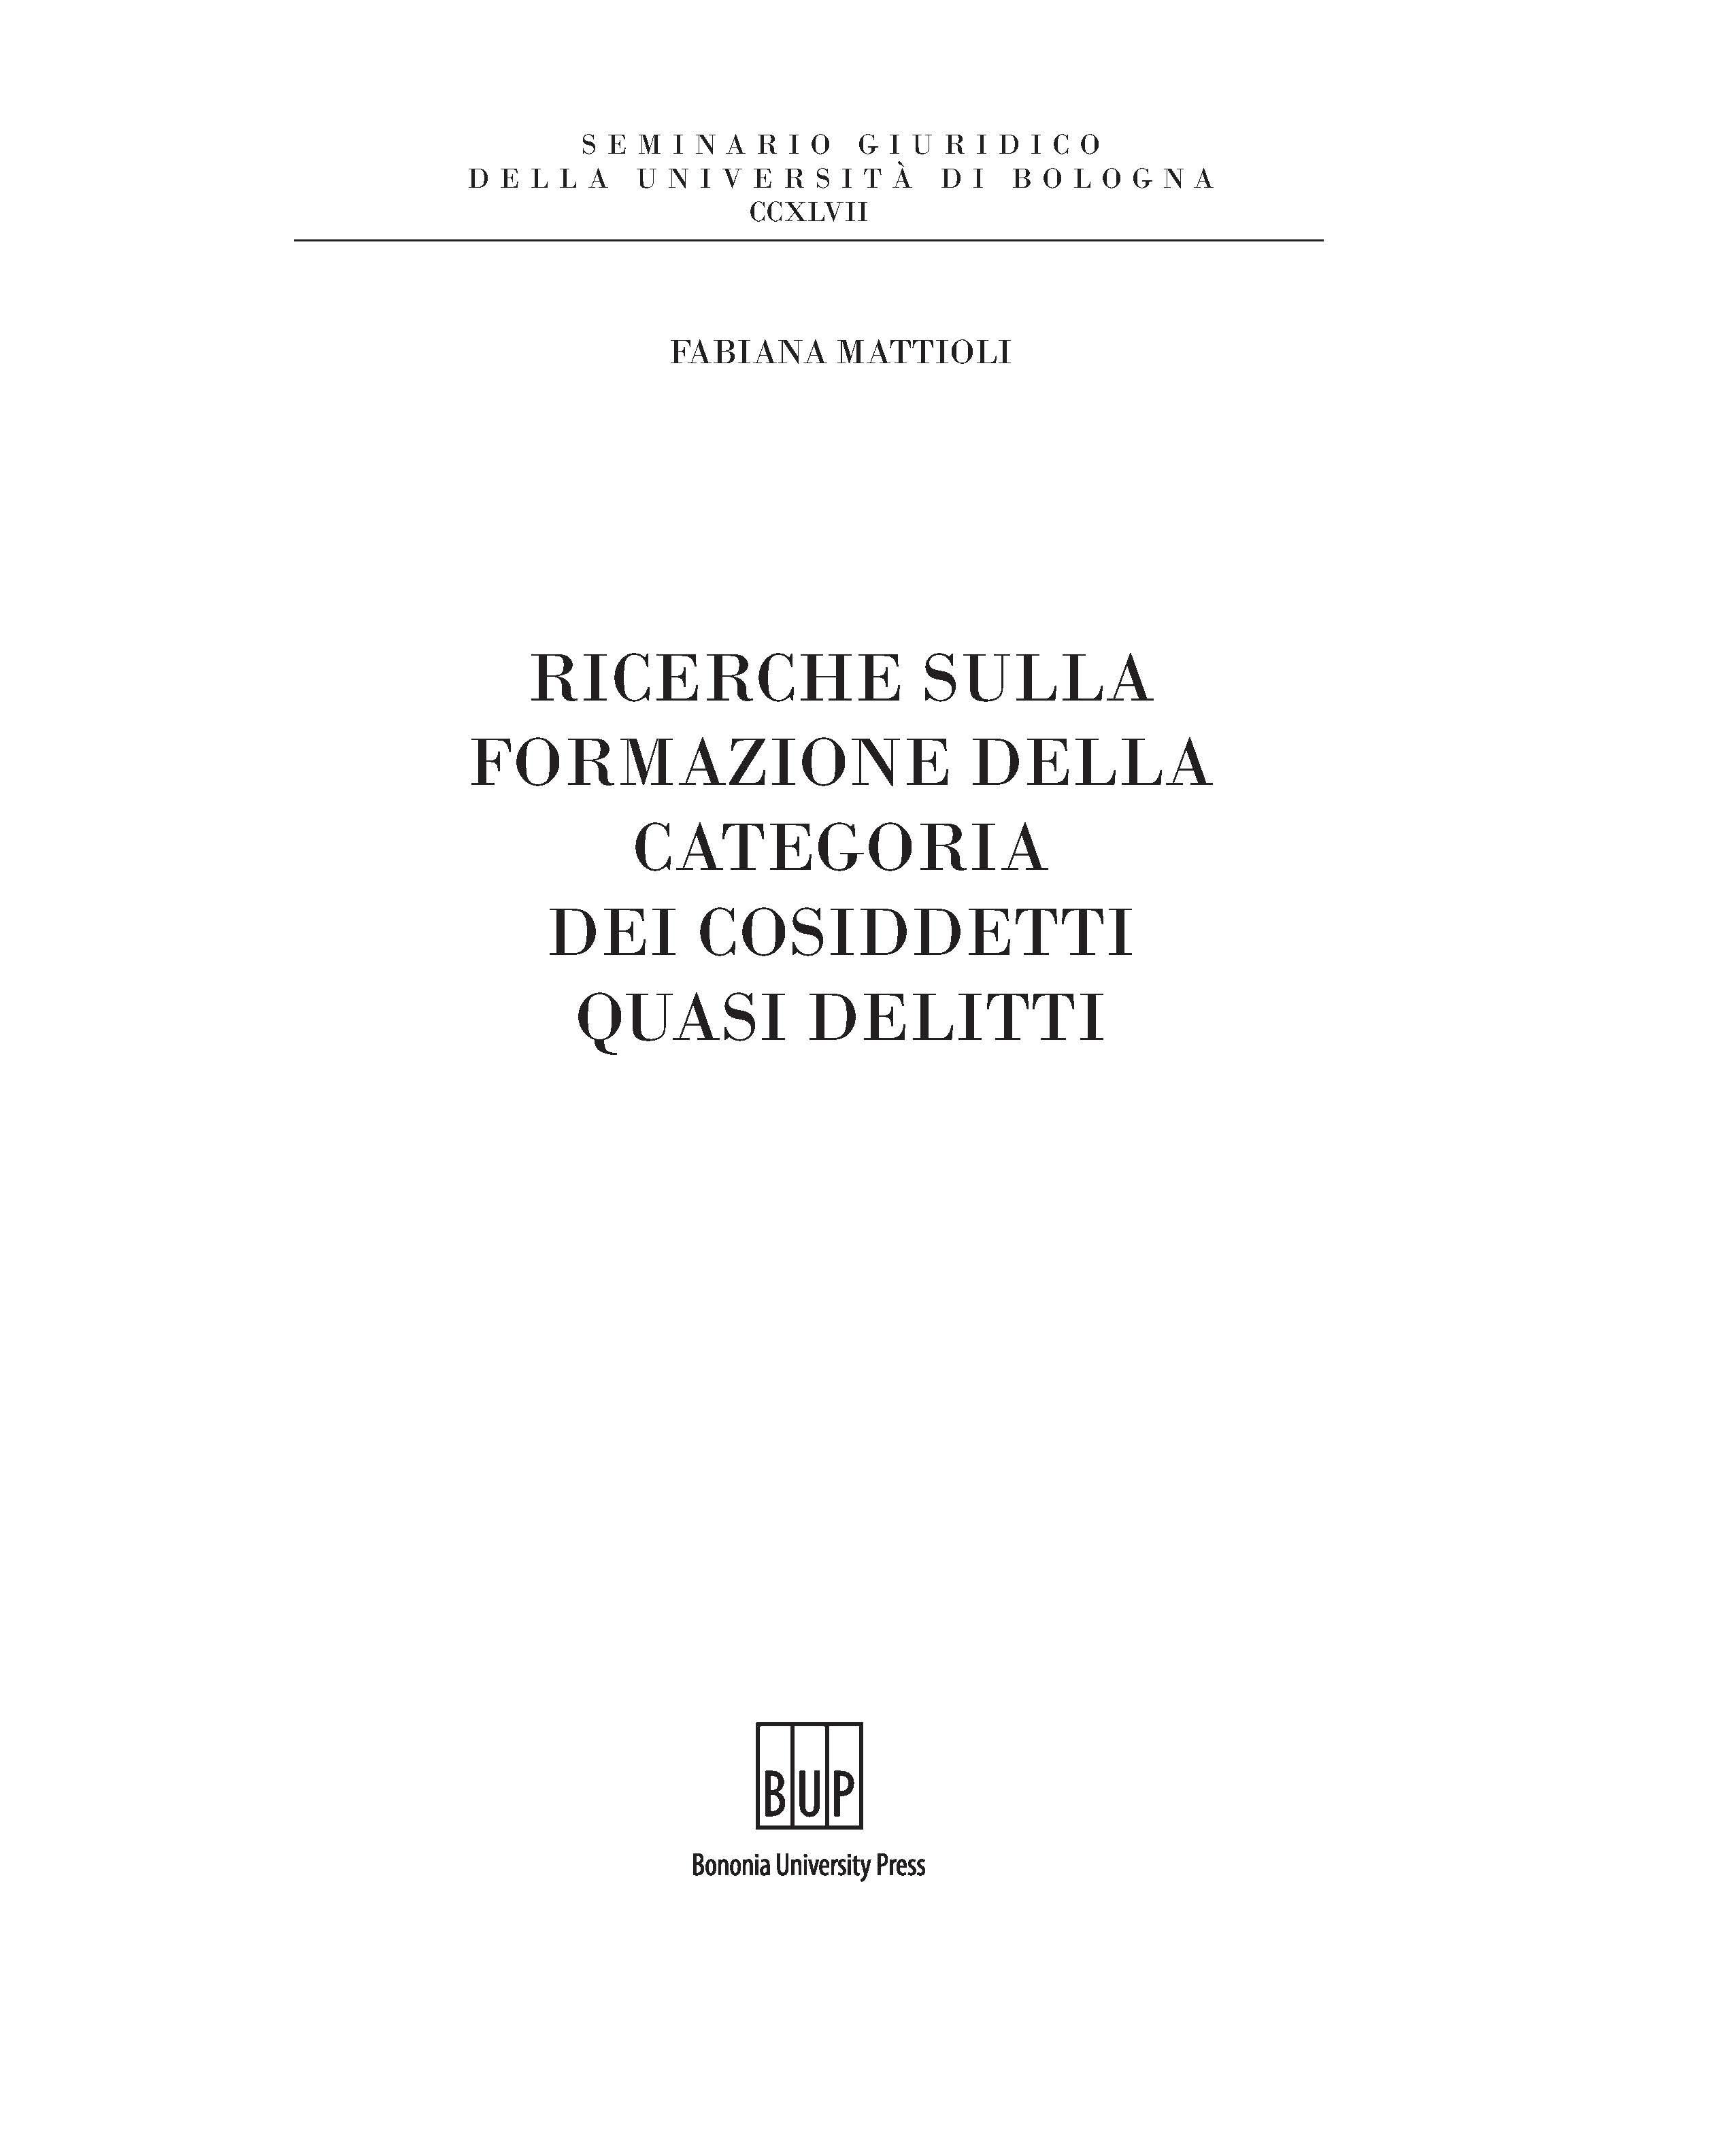 Ricerche sulla formazione della categoria dei cosiddetti quasi delitti - Bononia University Press